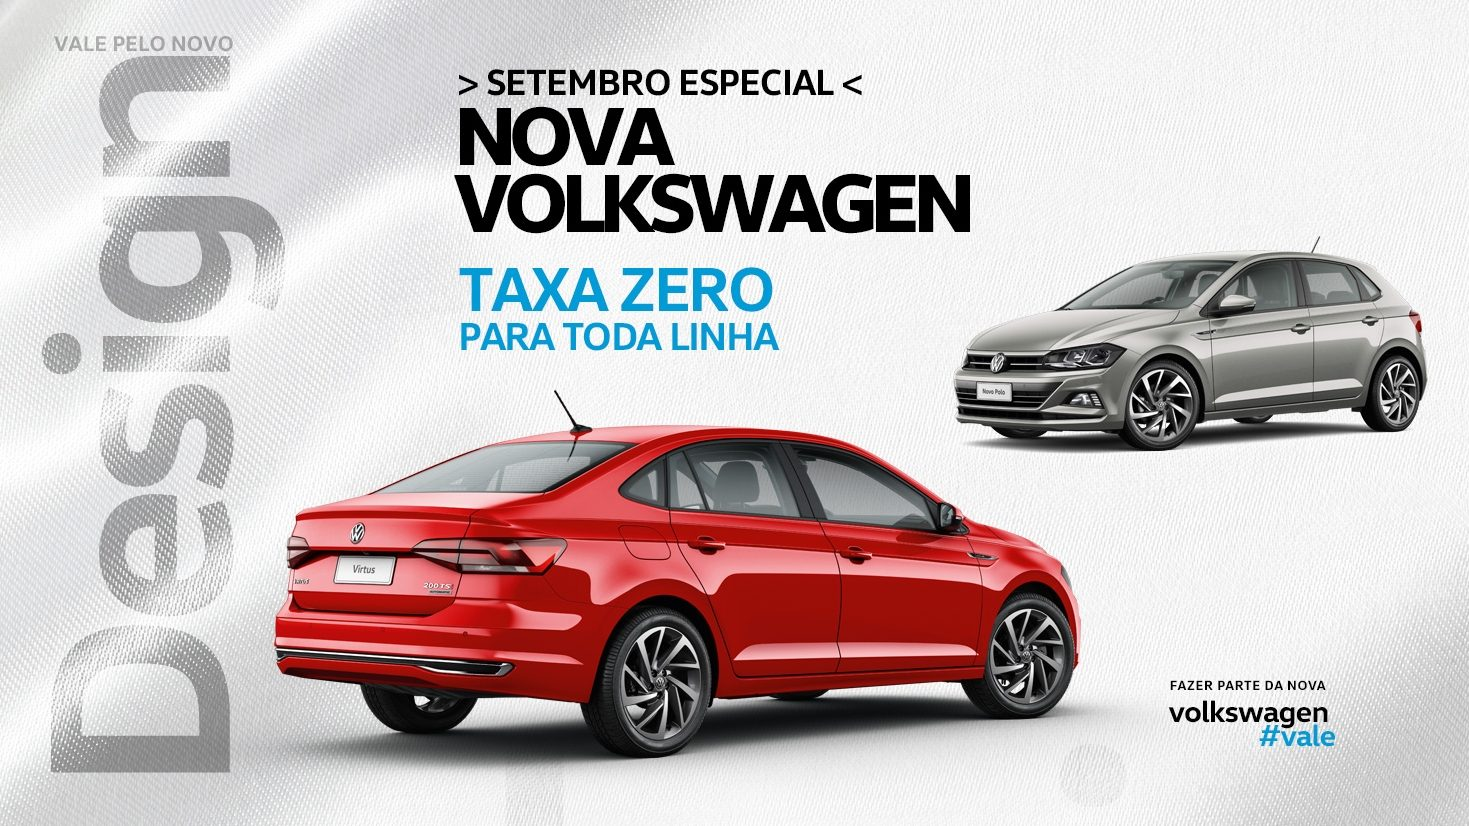 Setembro é mês especial na Alemanha Veículos: toda a linha Volkswagen com taxa zero!